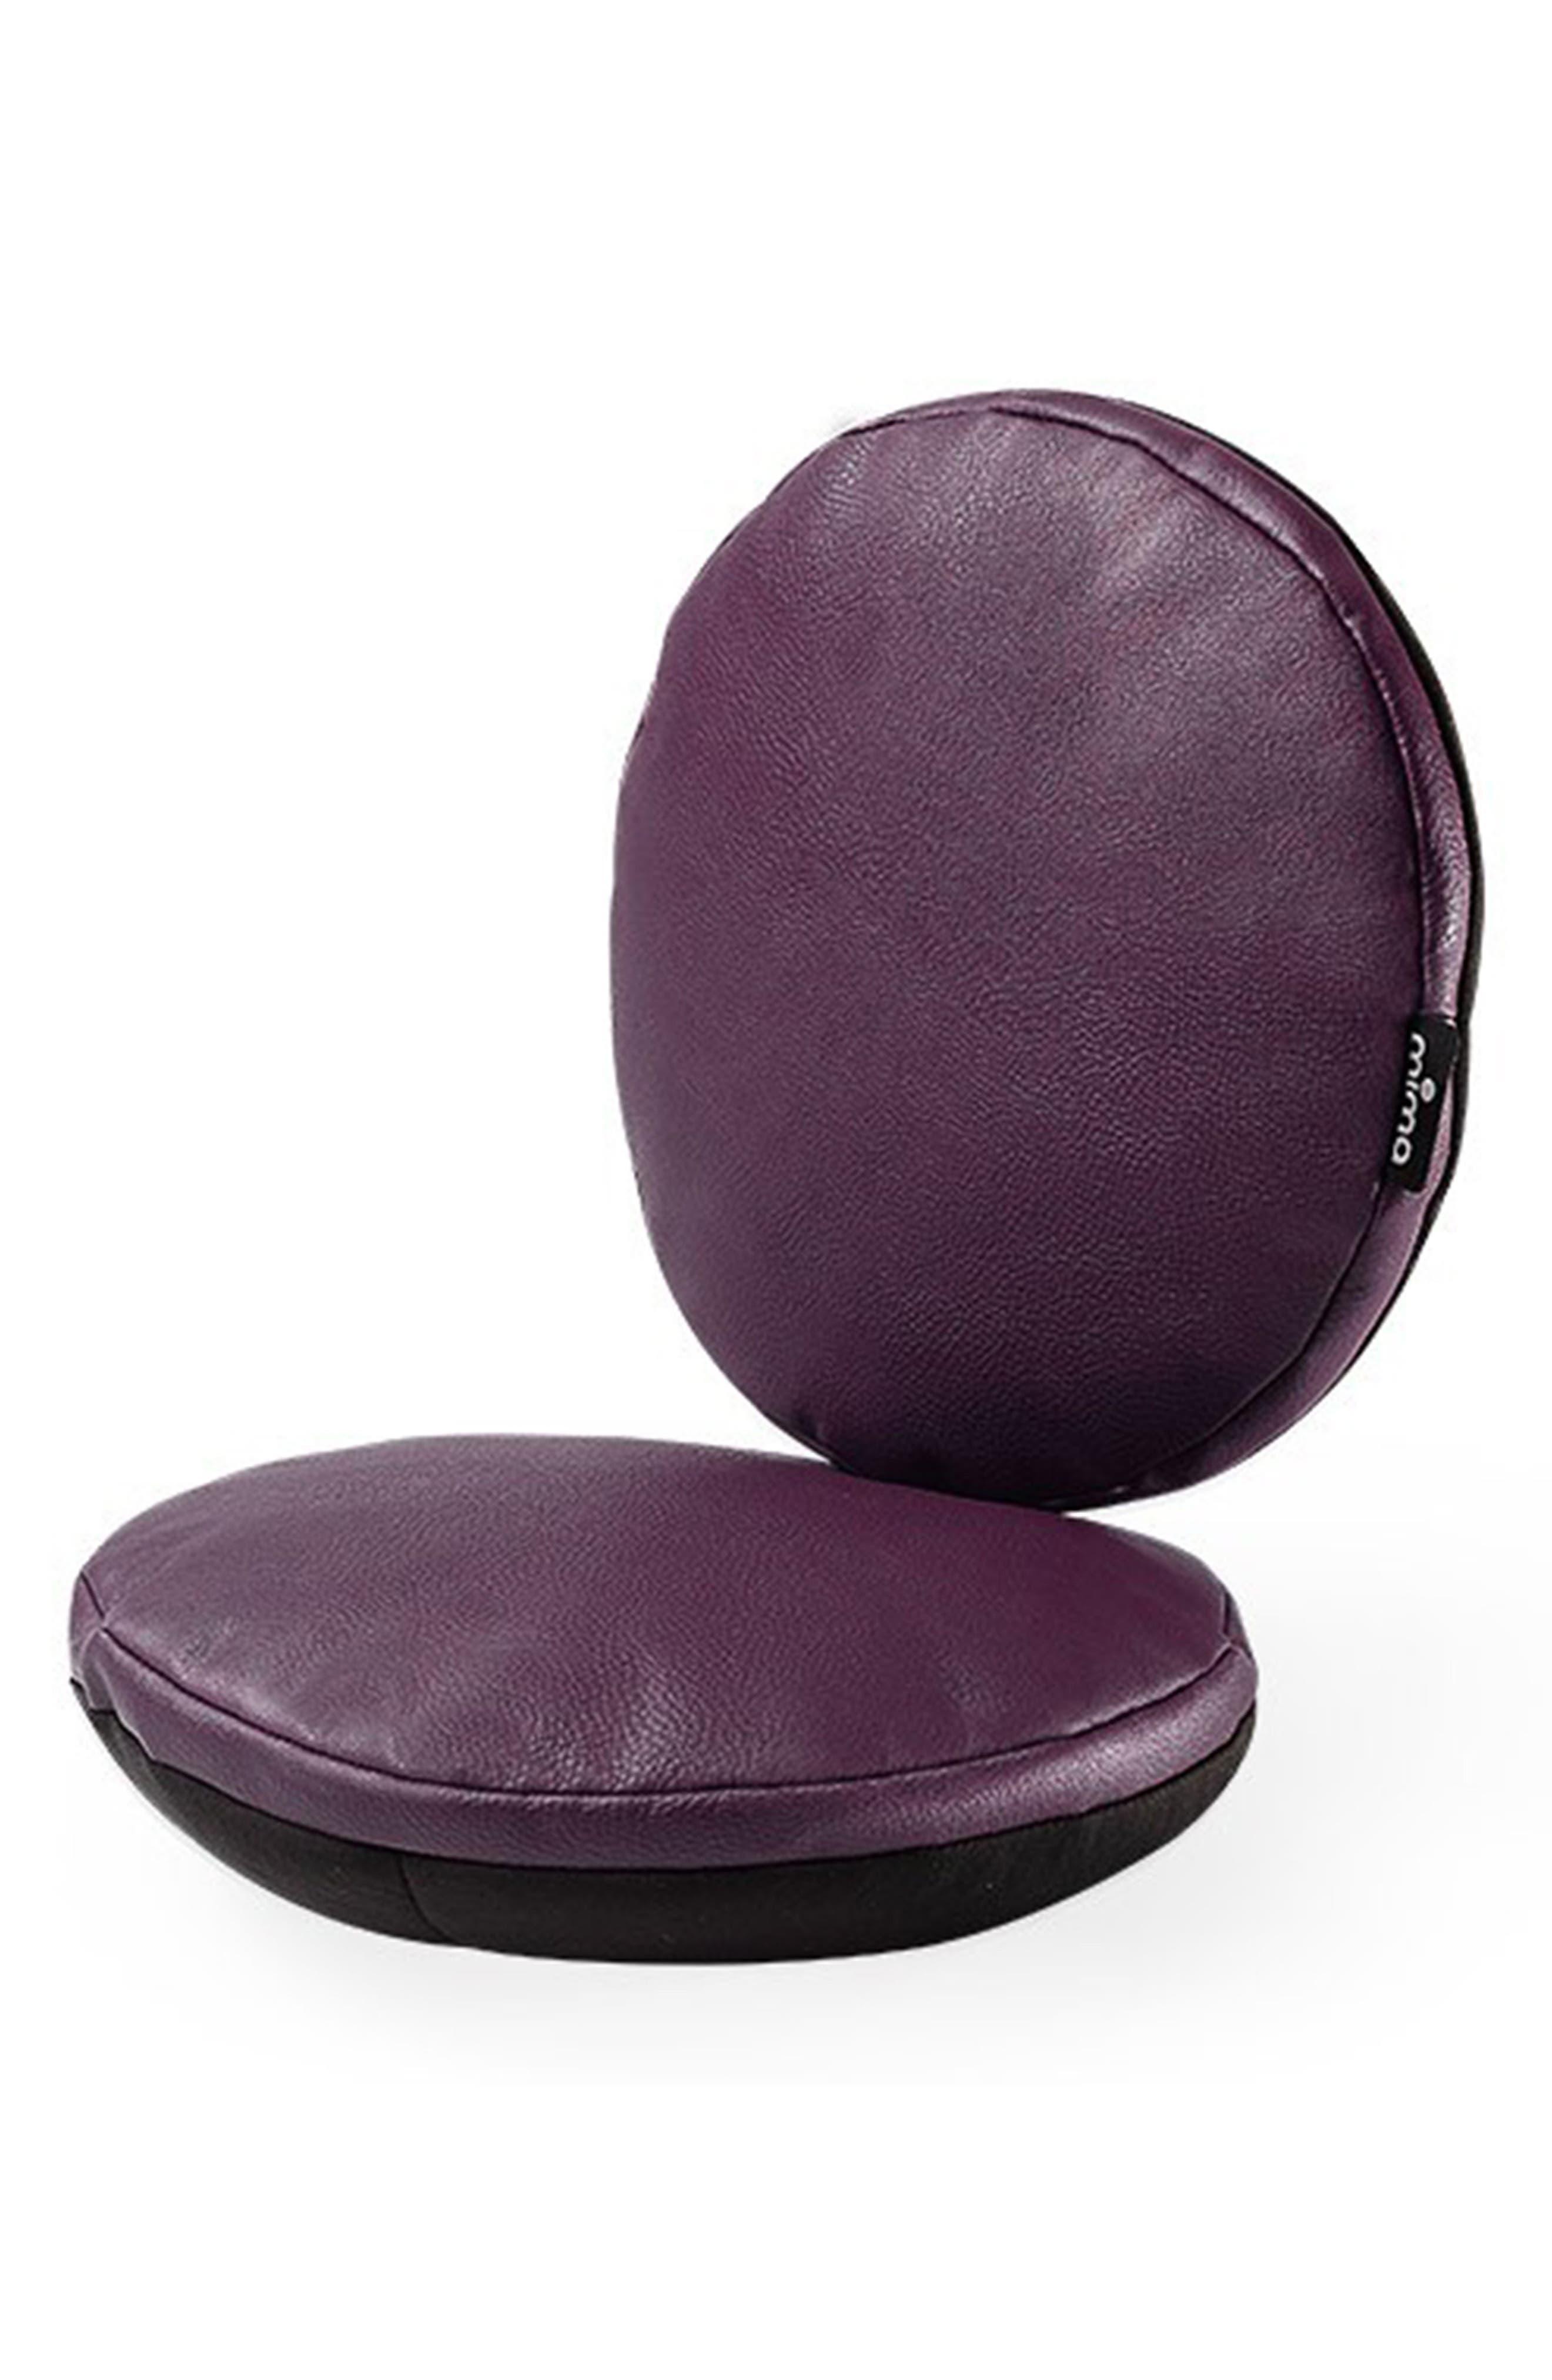 Moon Junior Highchair Seat Cushion,                             Main thumbnail 1, color,                             AUBERGINE